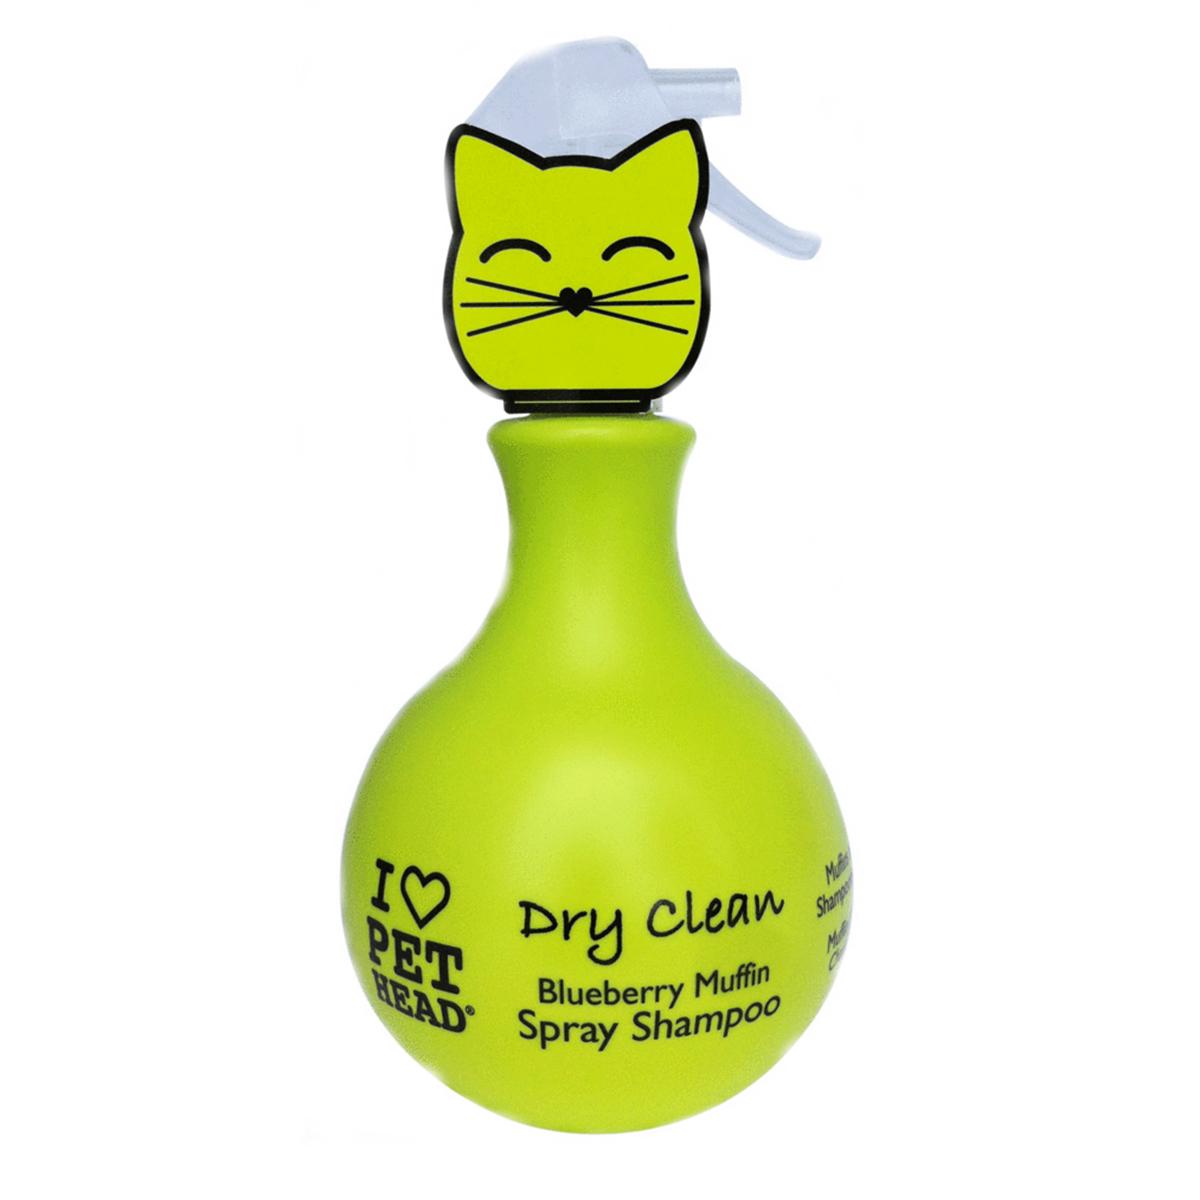 Pet Head Pisica Dry Clean 450ml imagine